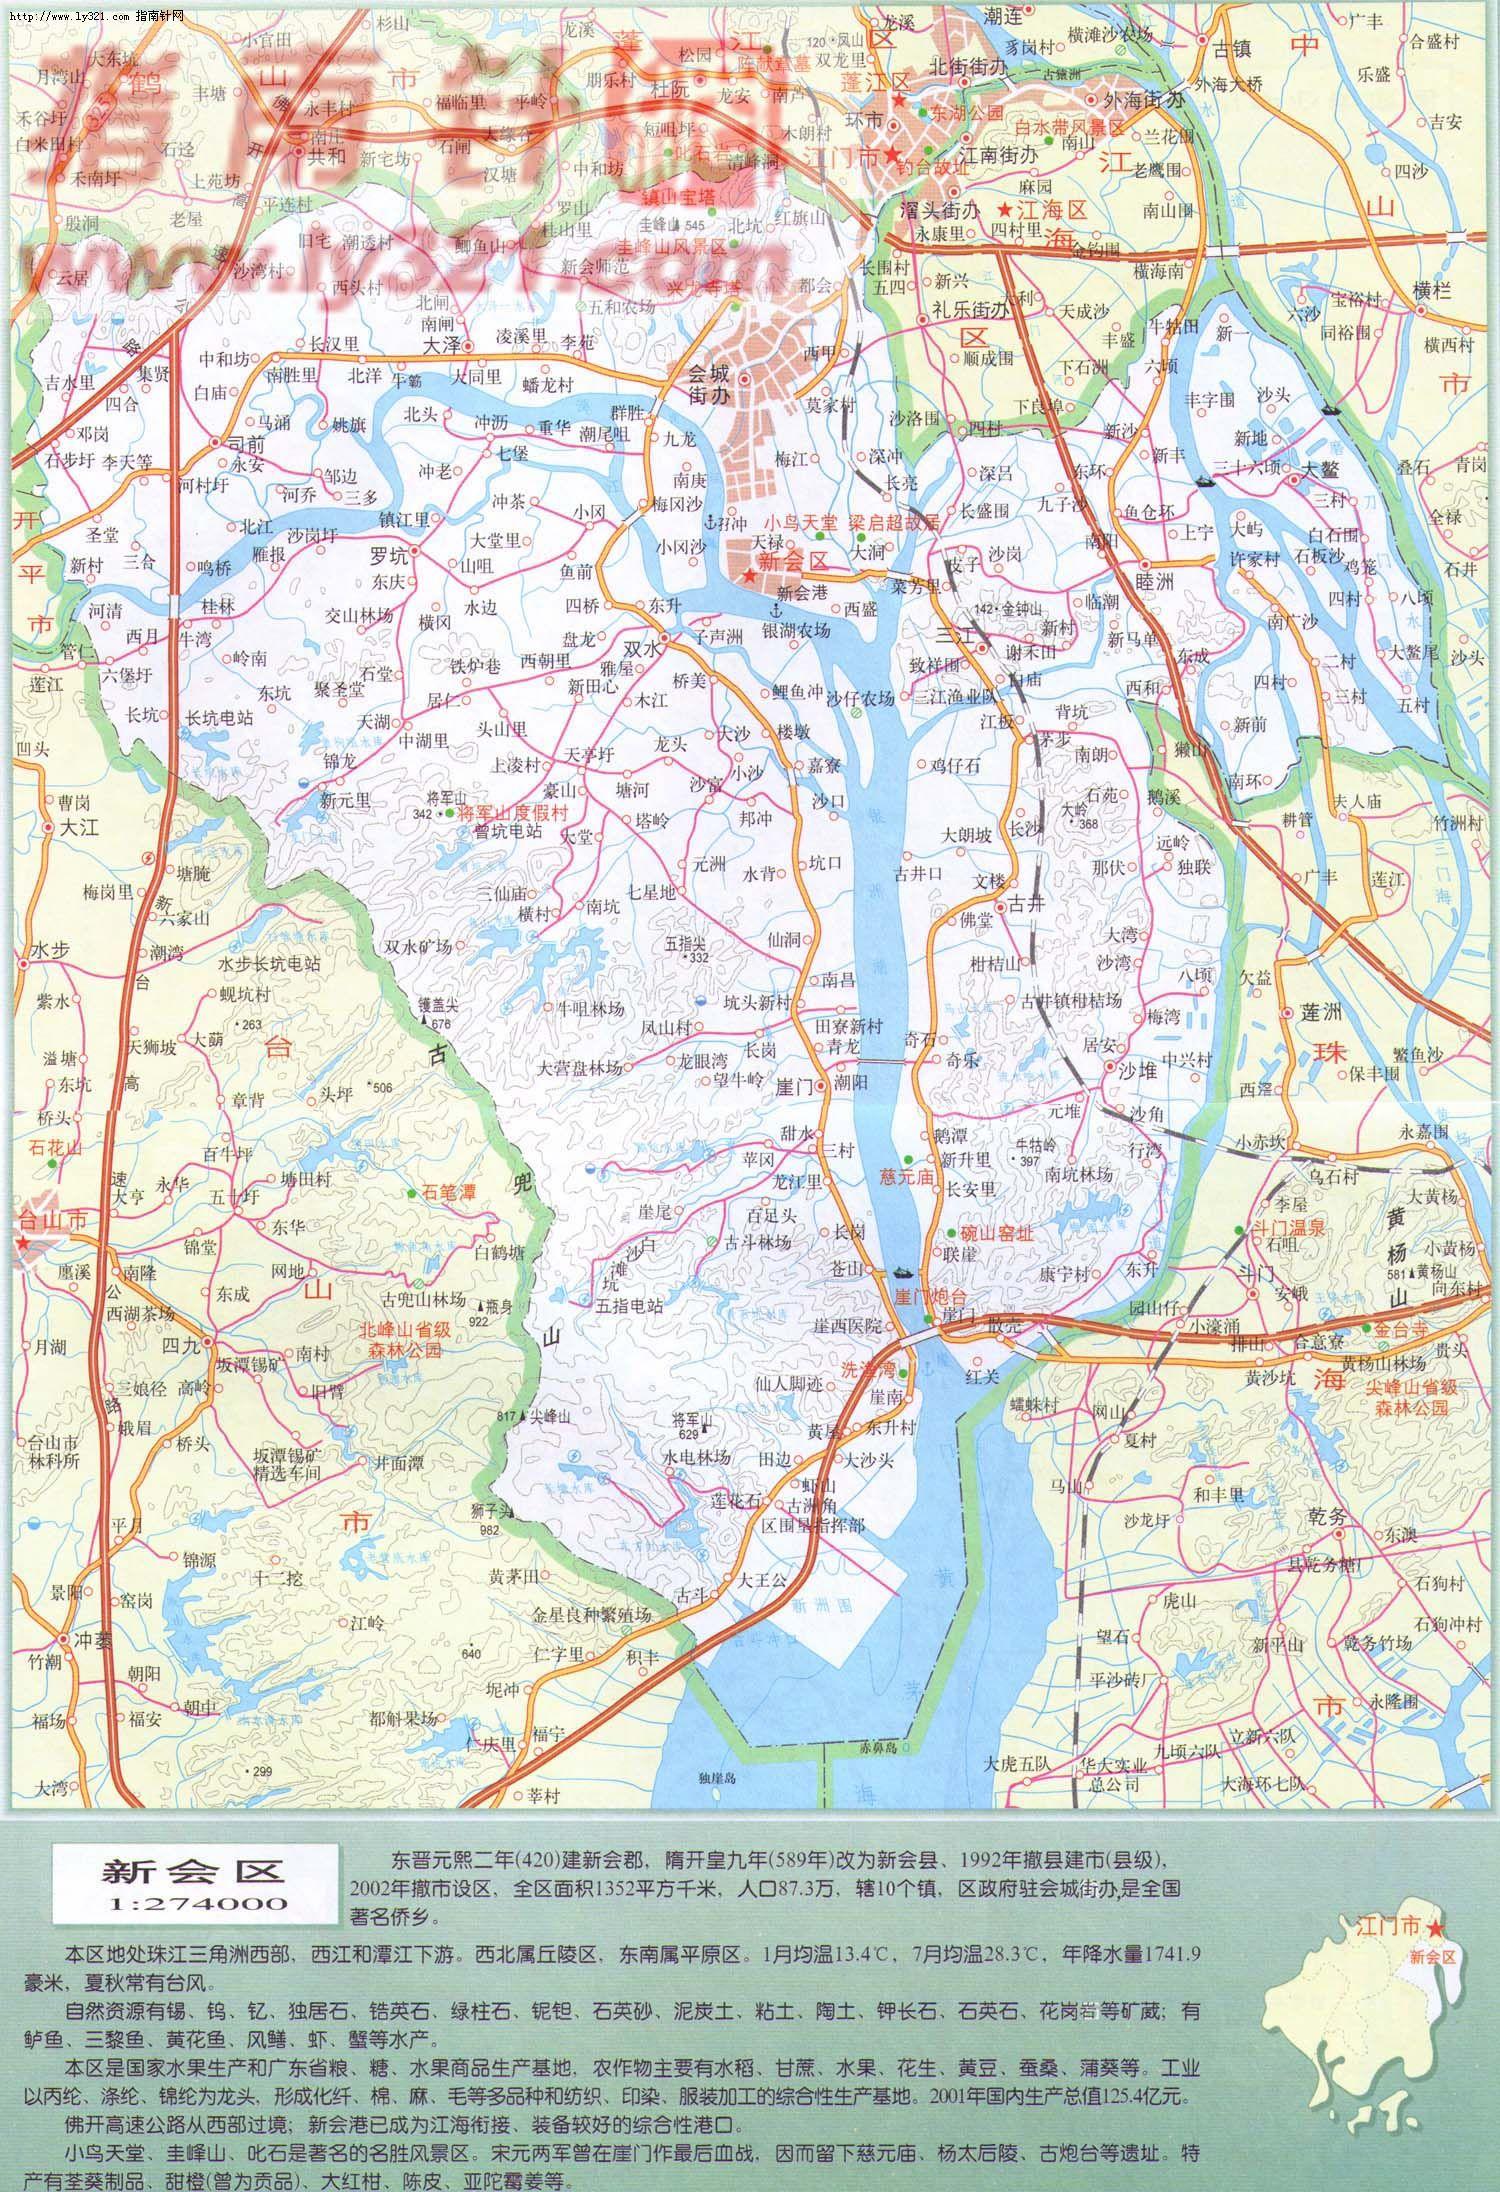 广东省江门市新会区地图图片